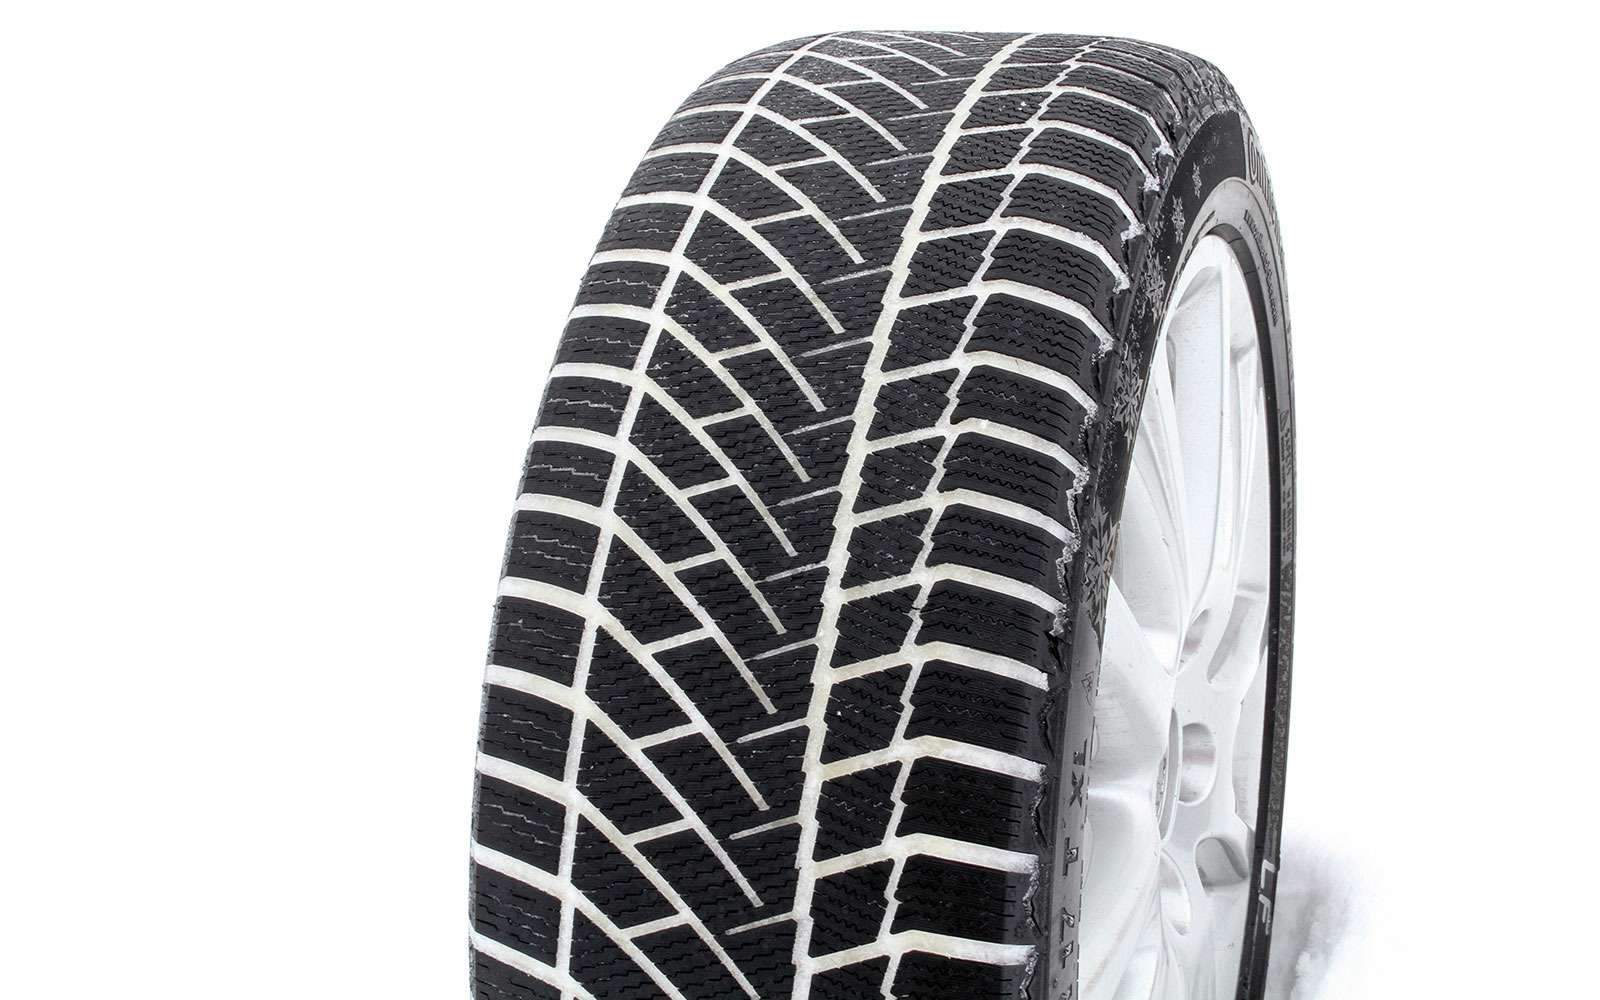 Большой тест нешипованных шин 225/45R17: иникаких гвоздей— фото 648920